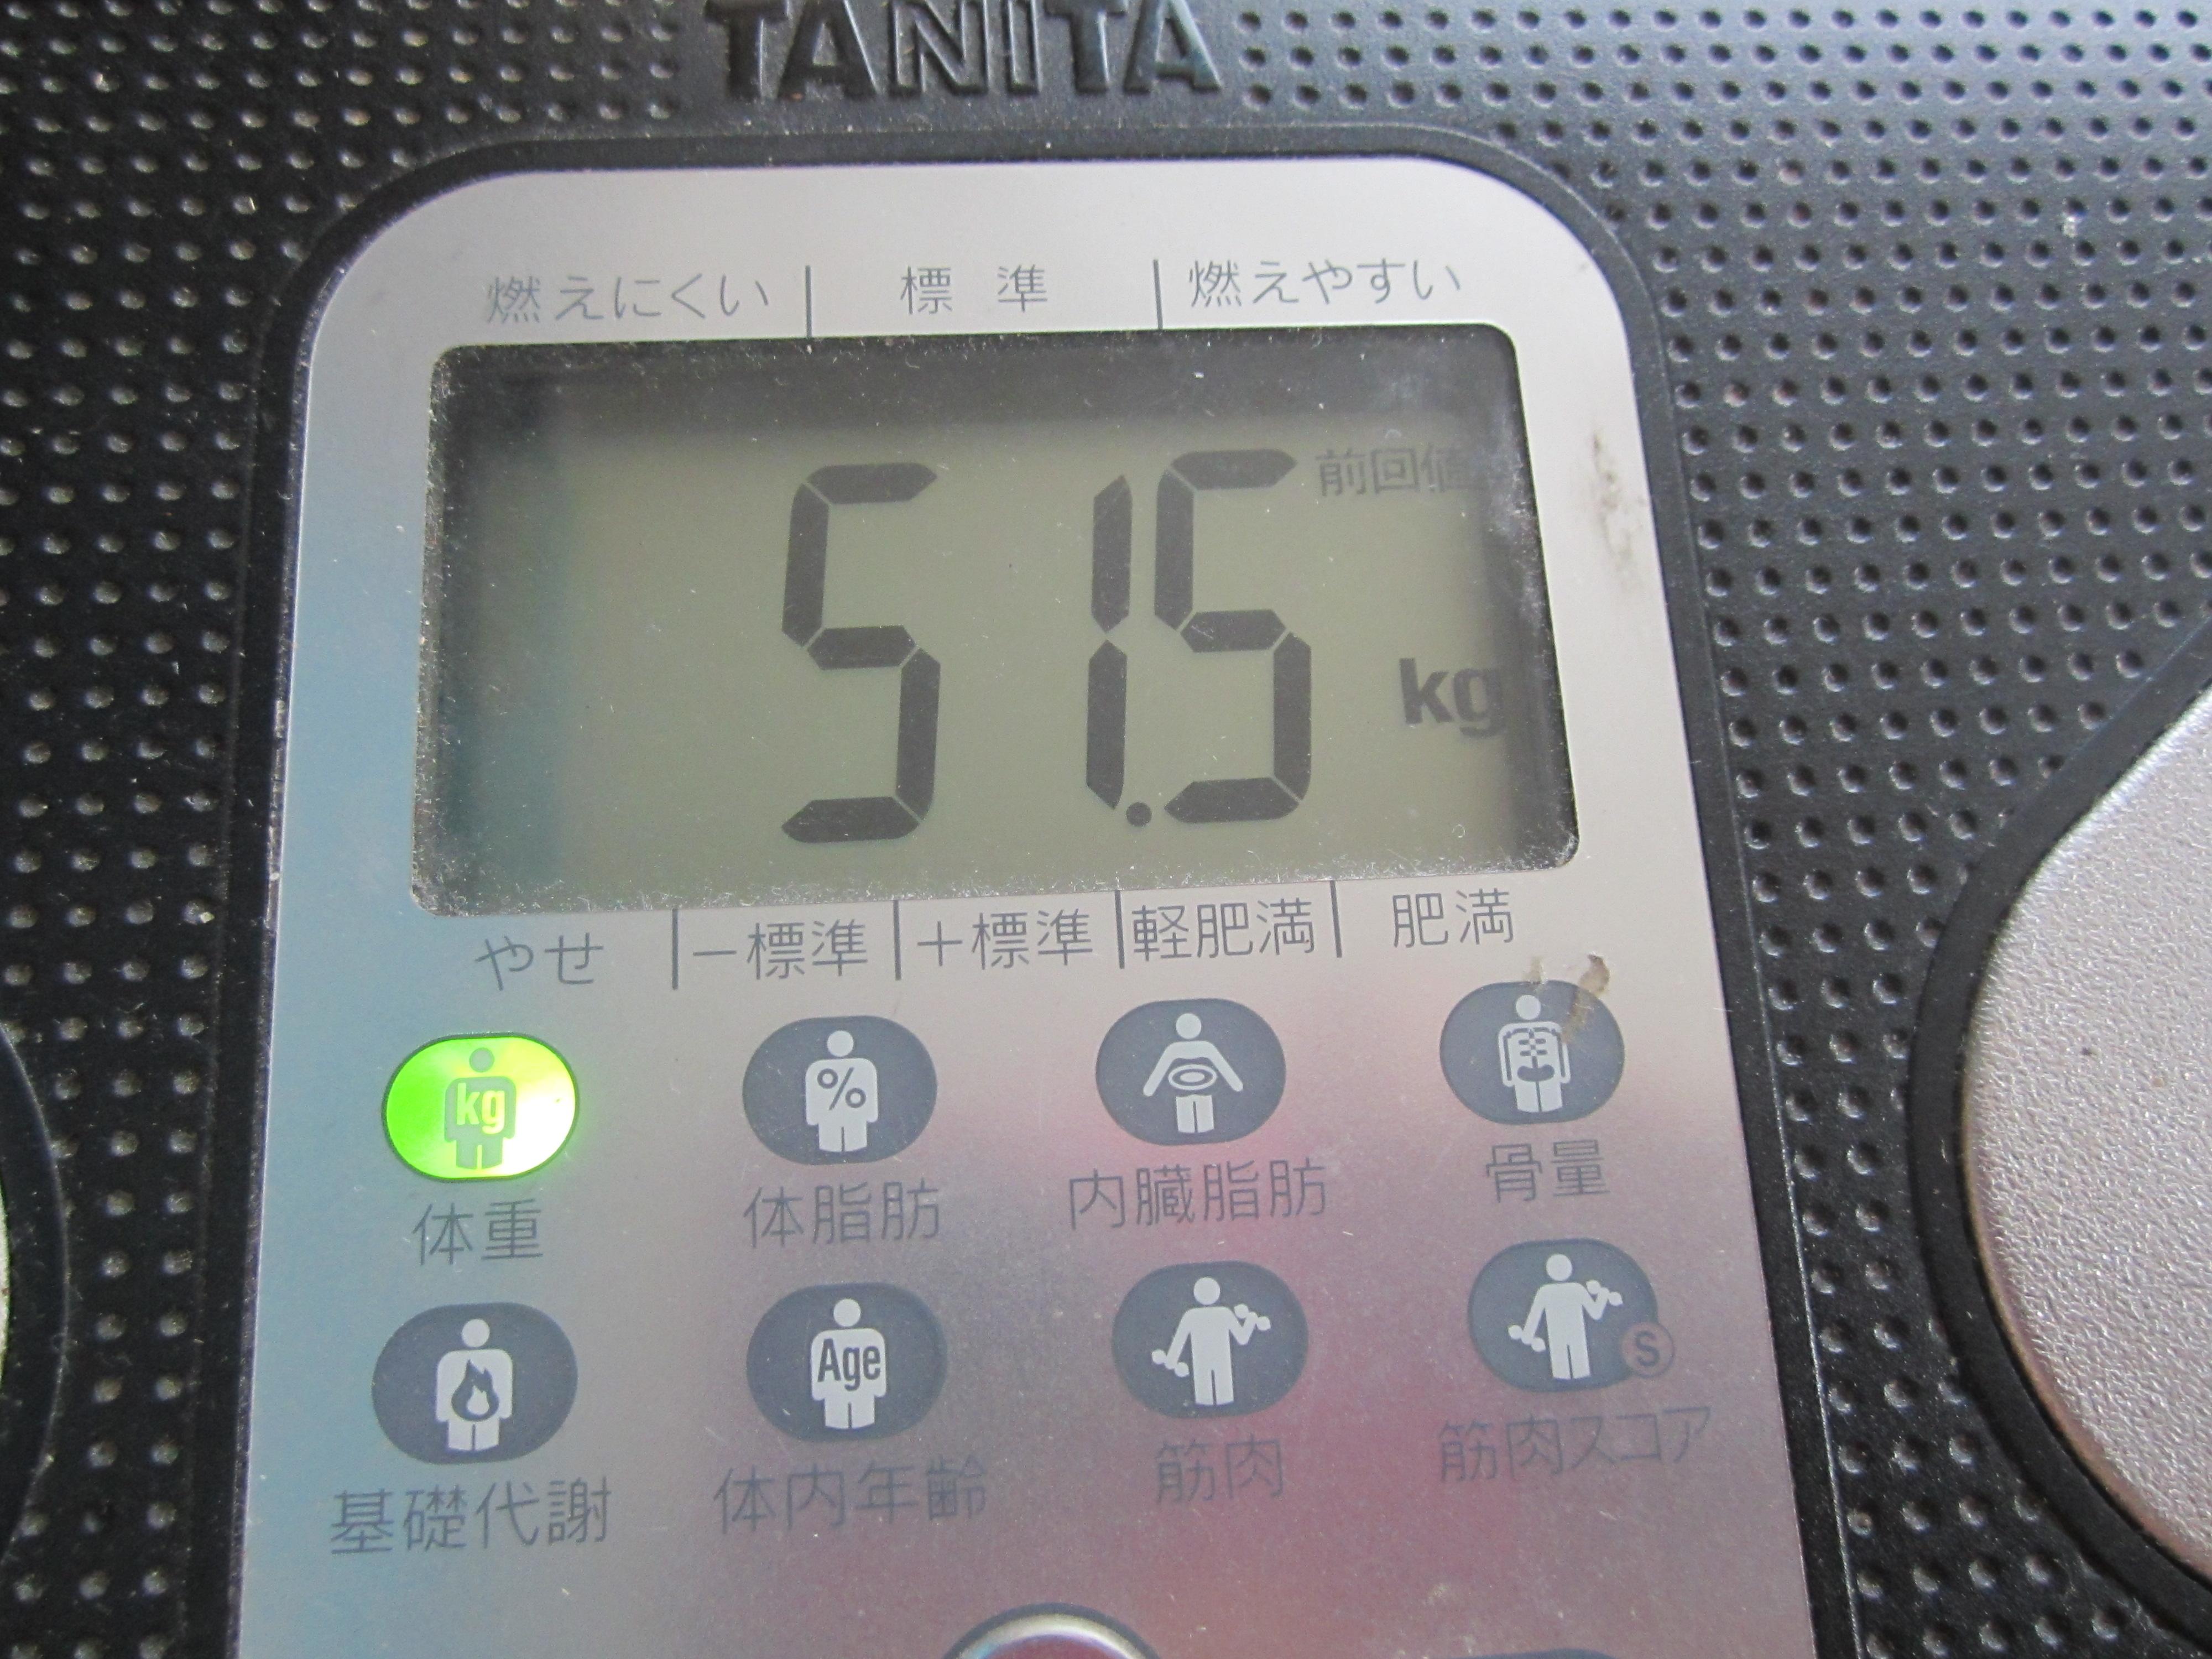 キロ 体重 50